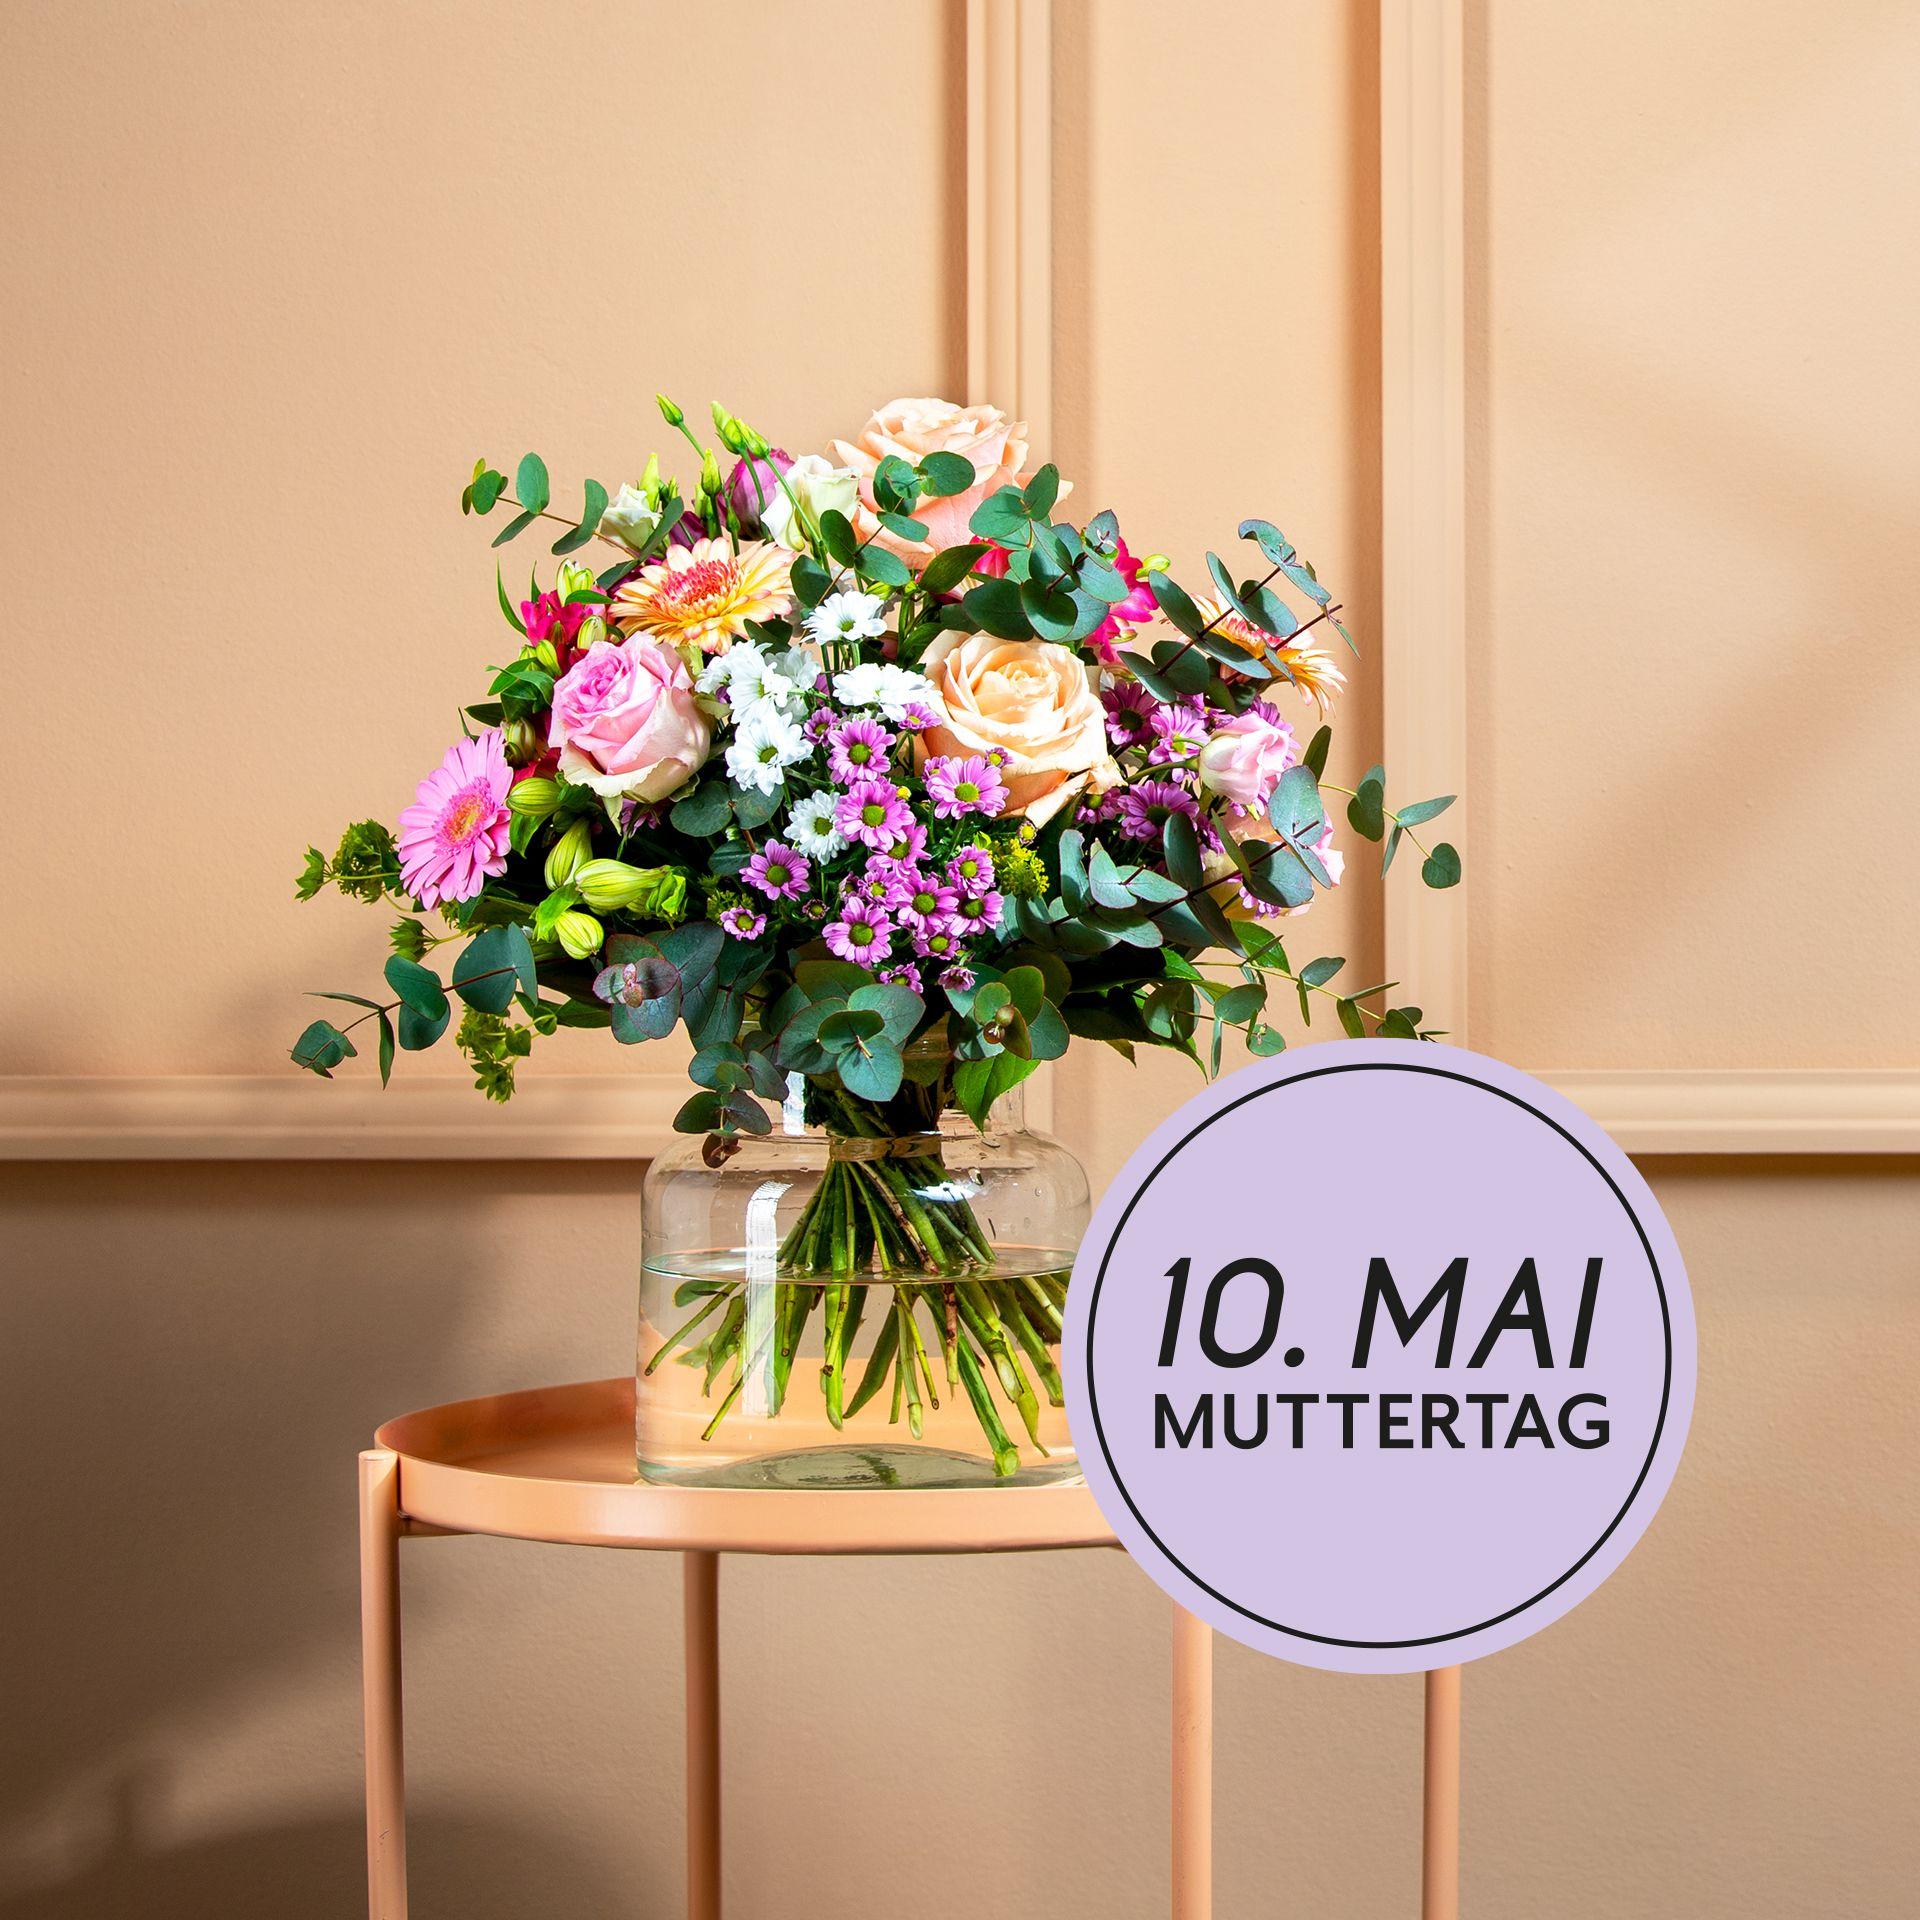 Kontaktlose Lieferung Von Blumen Zum Muttertag Muttertag Blumenstrauss Muttertag Mutter